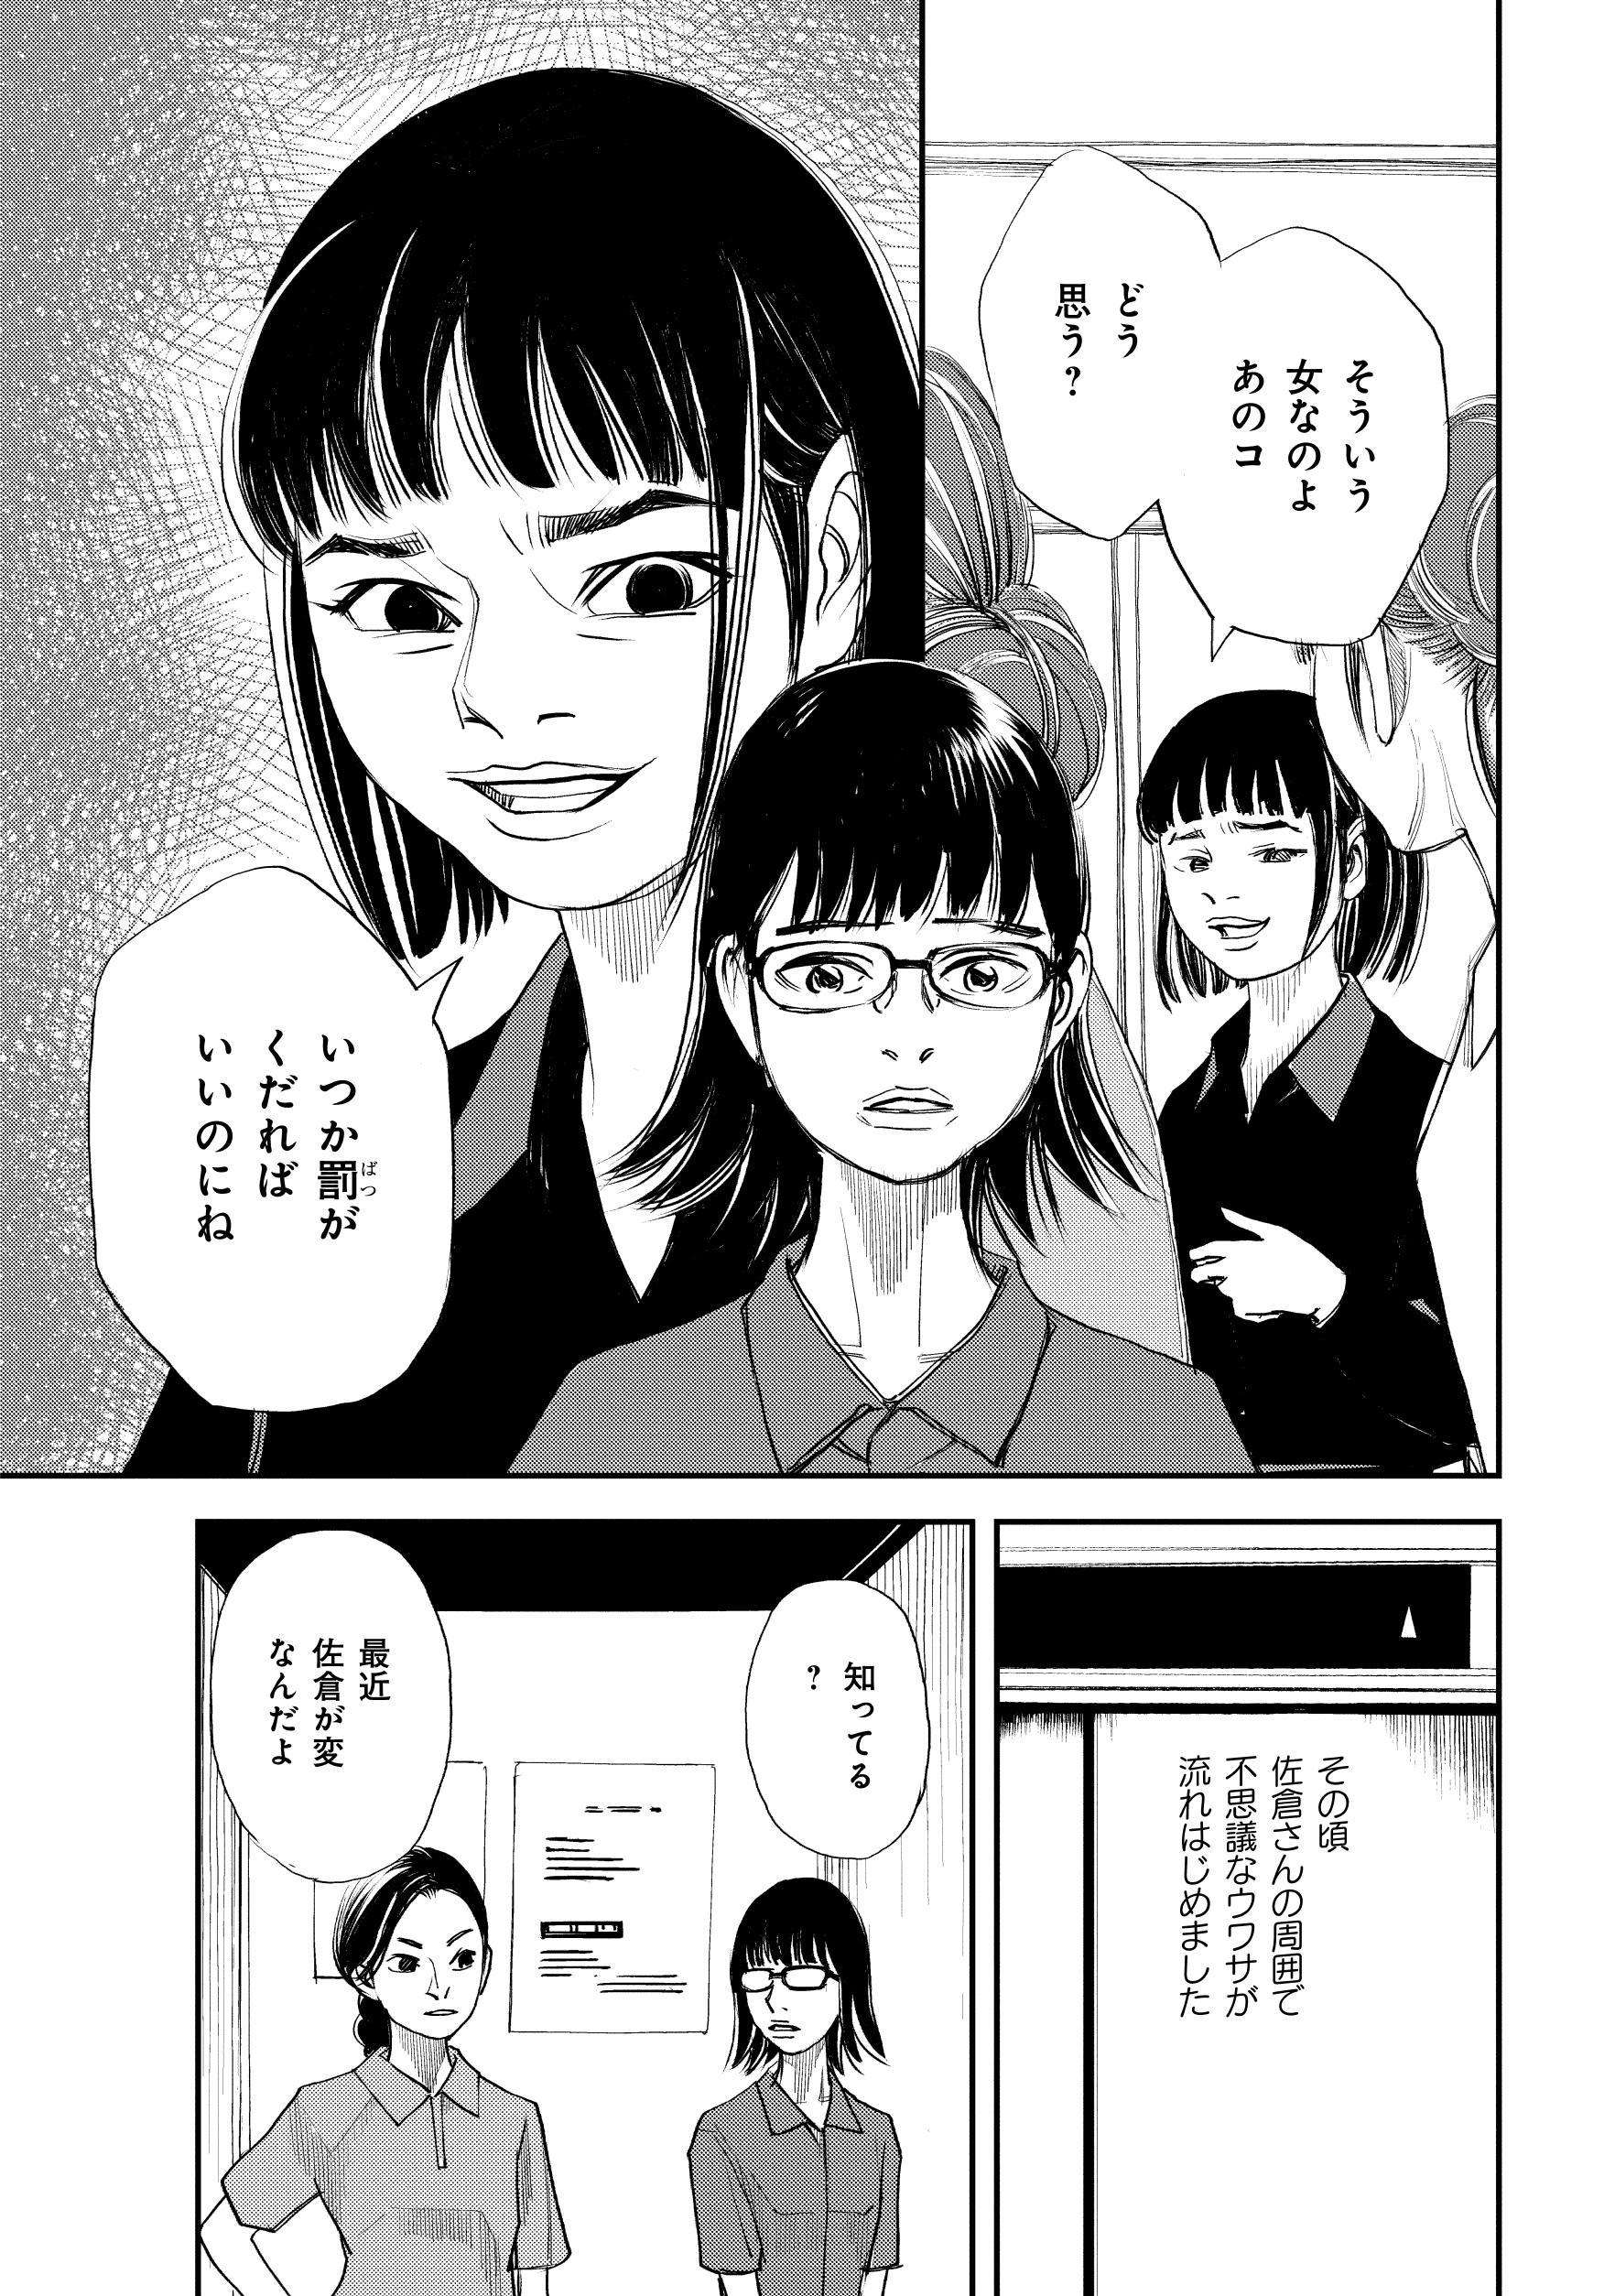 原作特集_136.jpg